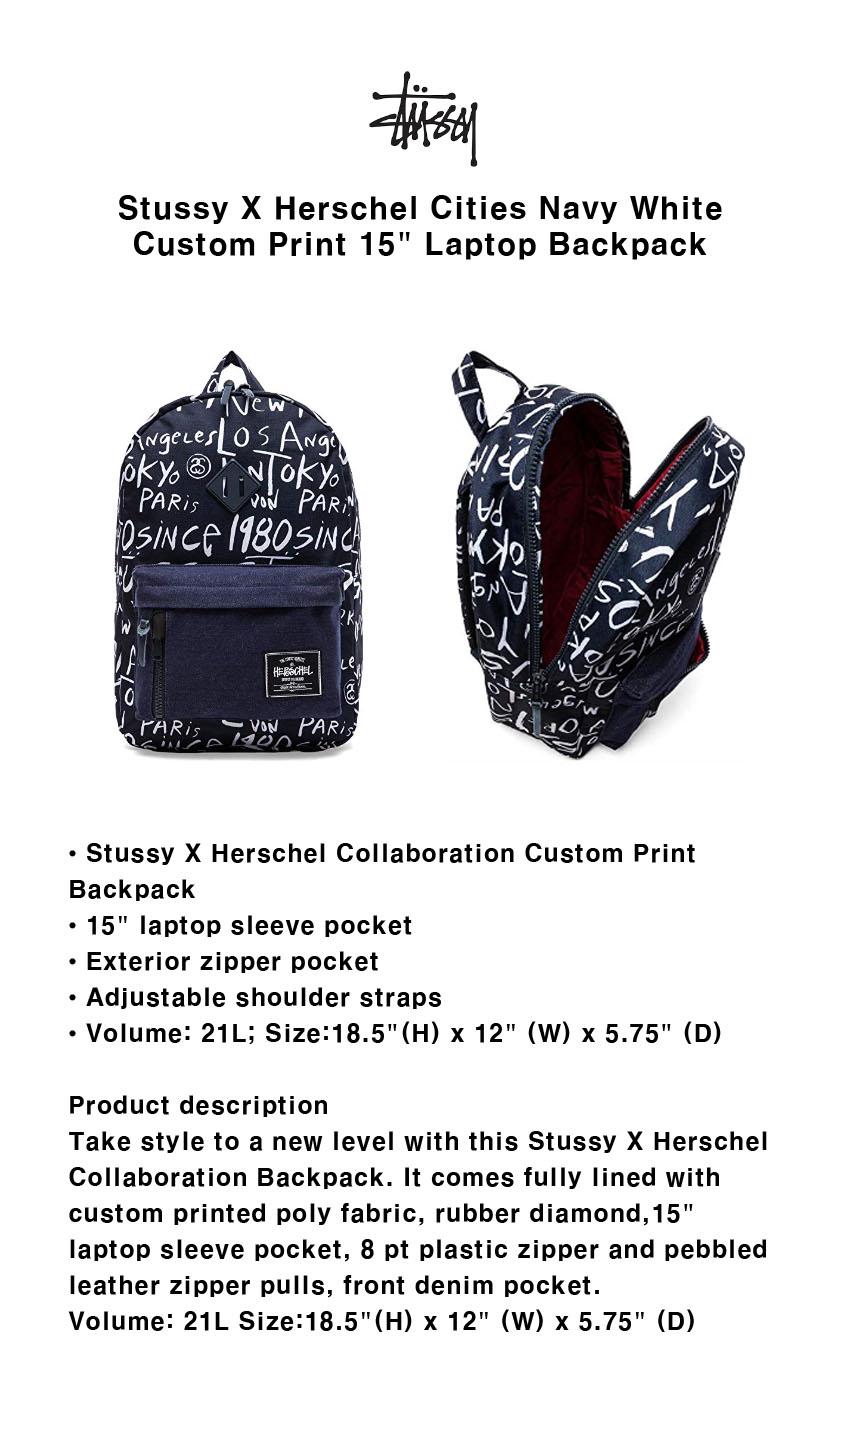 A 스투시 X 허쉘 15 노트북 백팩 Stussy X Herschel 990be621c69c7